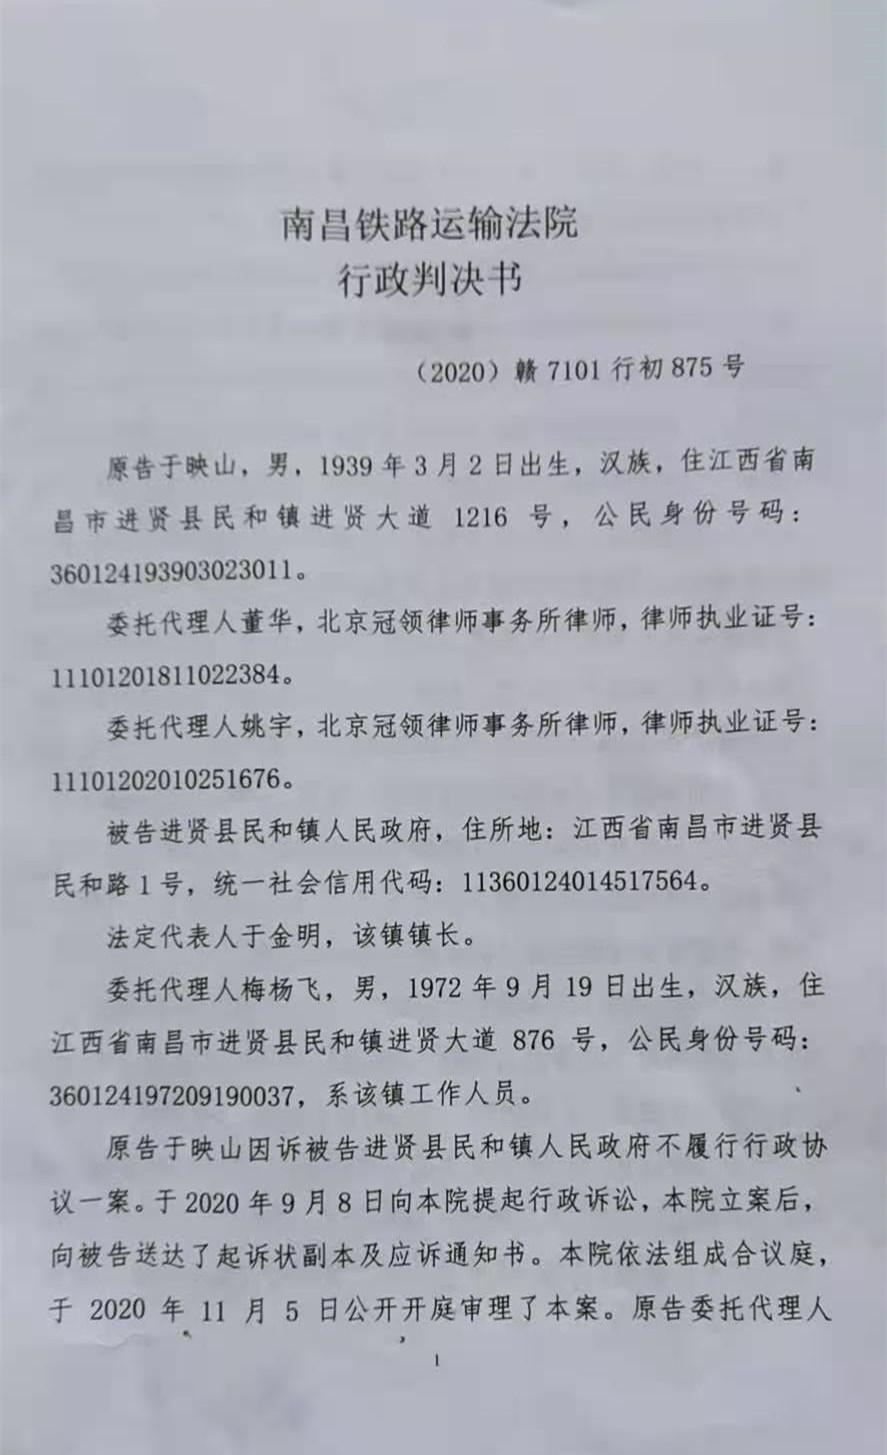 江西南昌拆迁律师;代理进贤某镇行政部门不履行行政协议纠纷胜诉